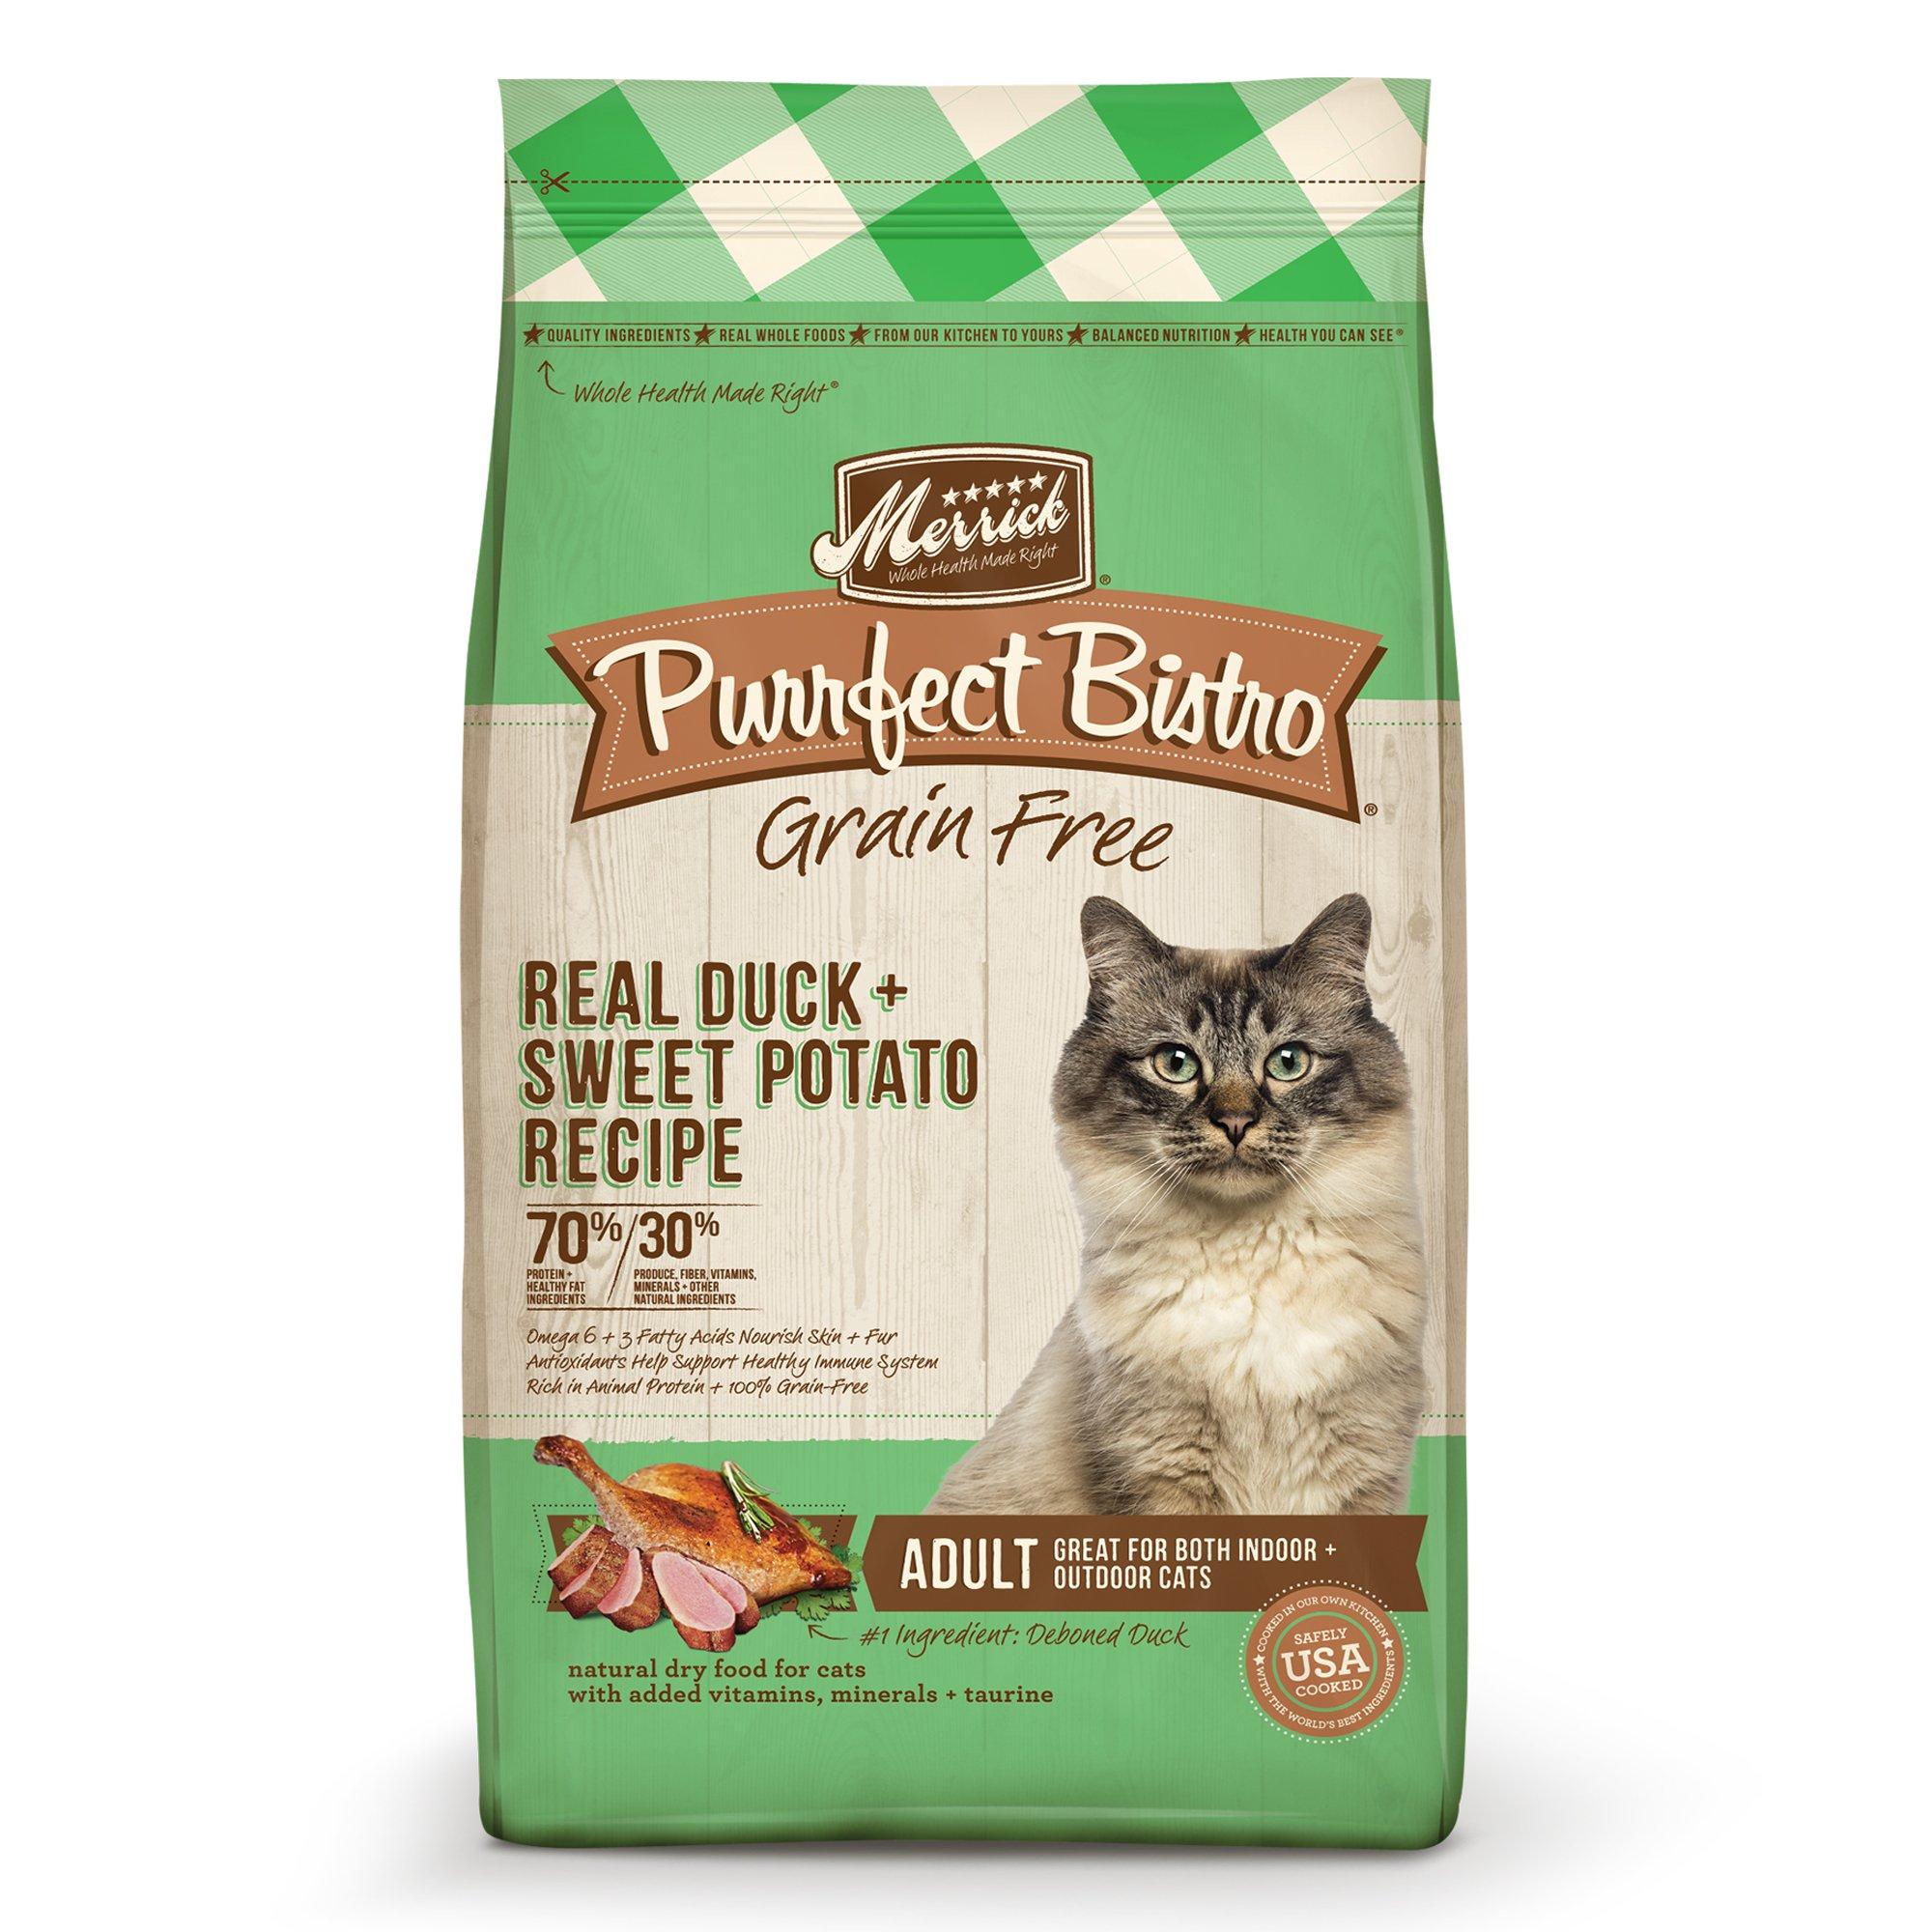 Merrick Turkey Cat Food